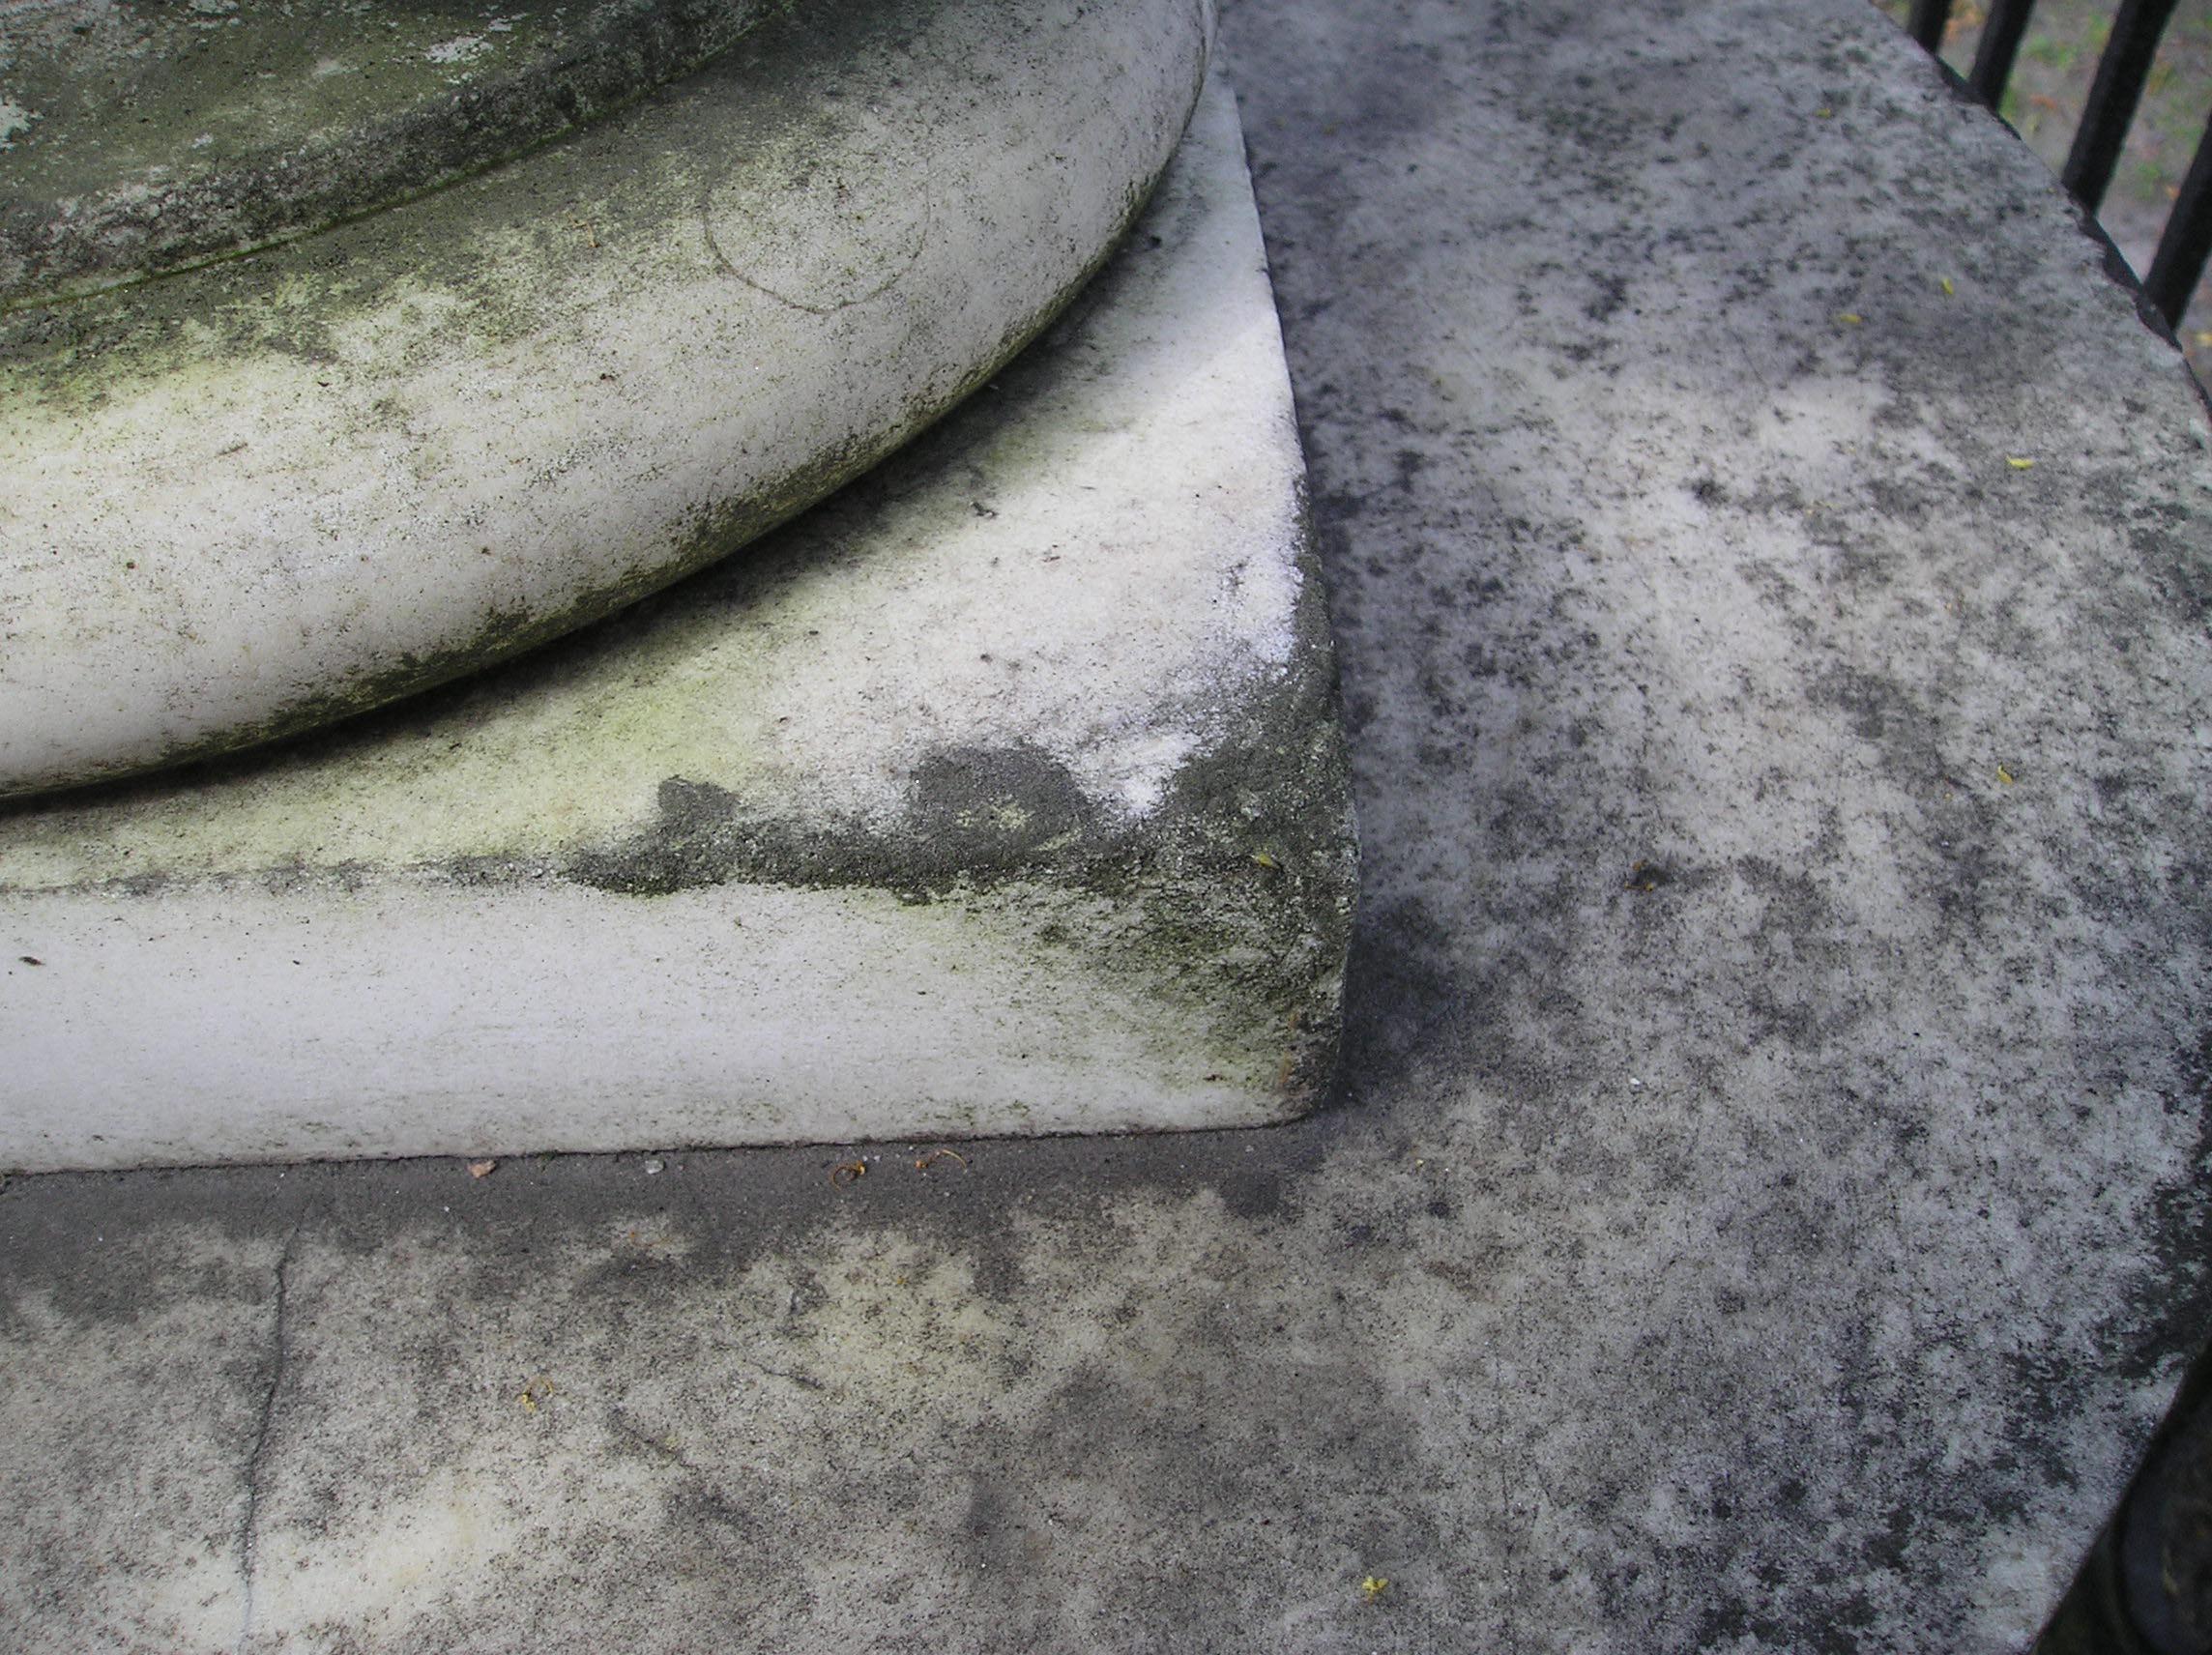 Фрагмент полуколонны. Видны колонии водорослей, грибы.Фото августа 2004 г.